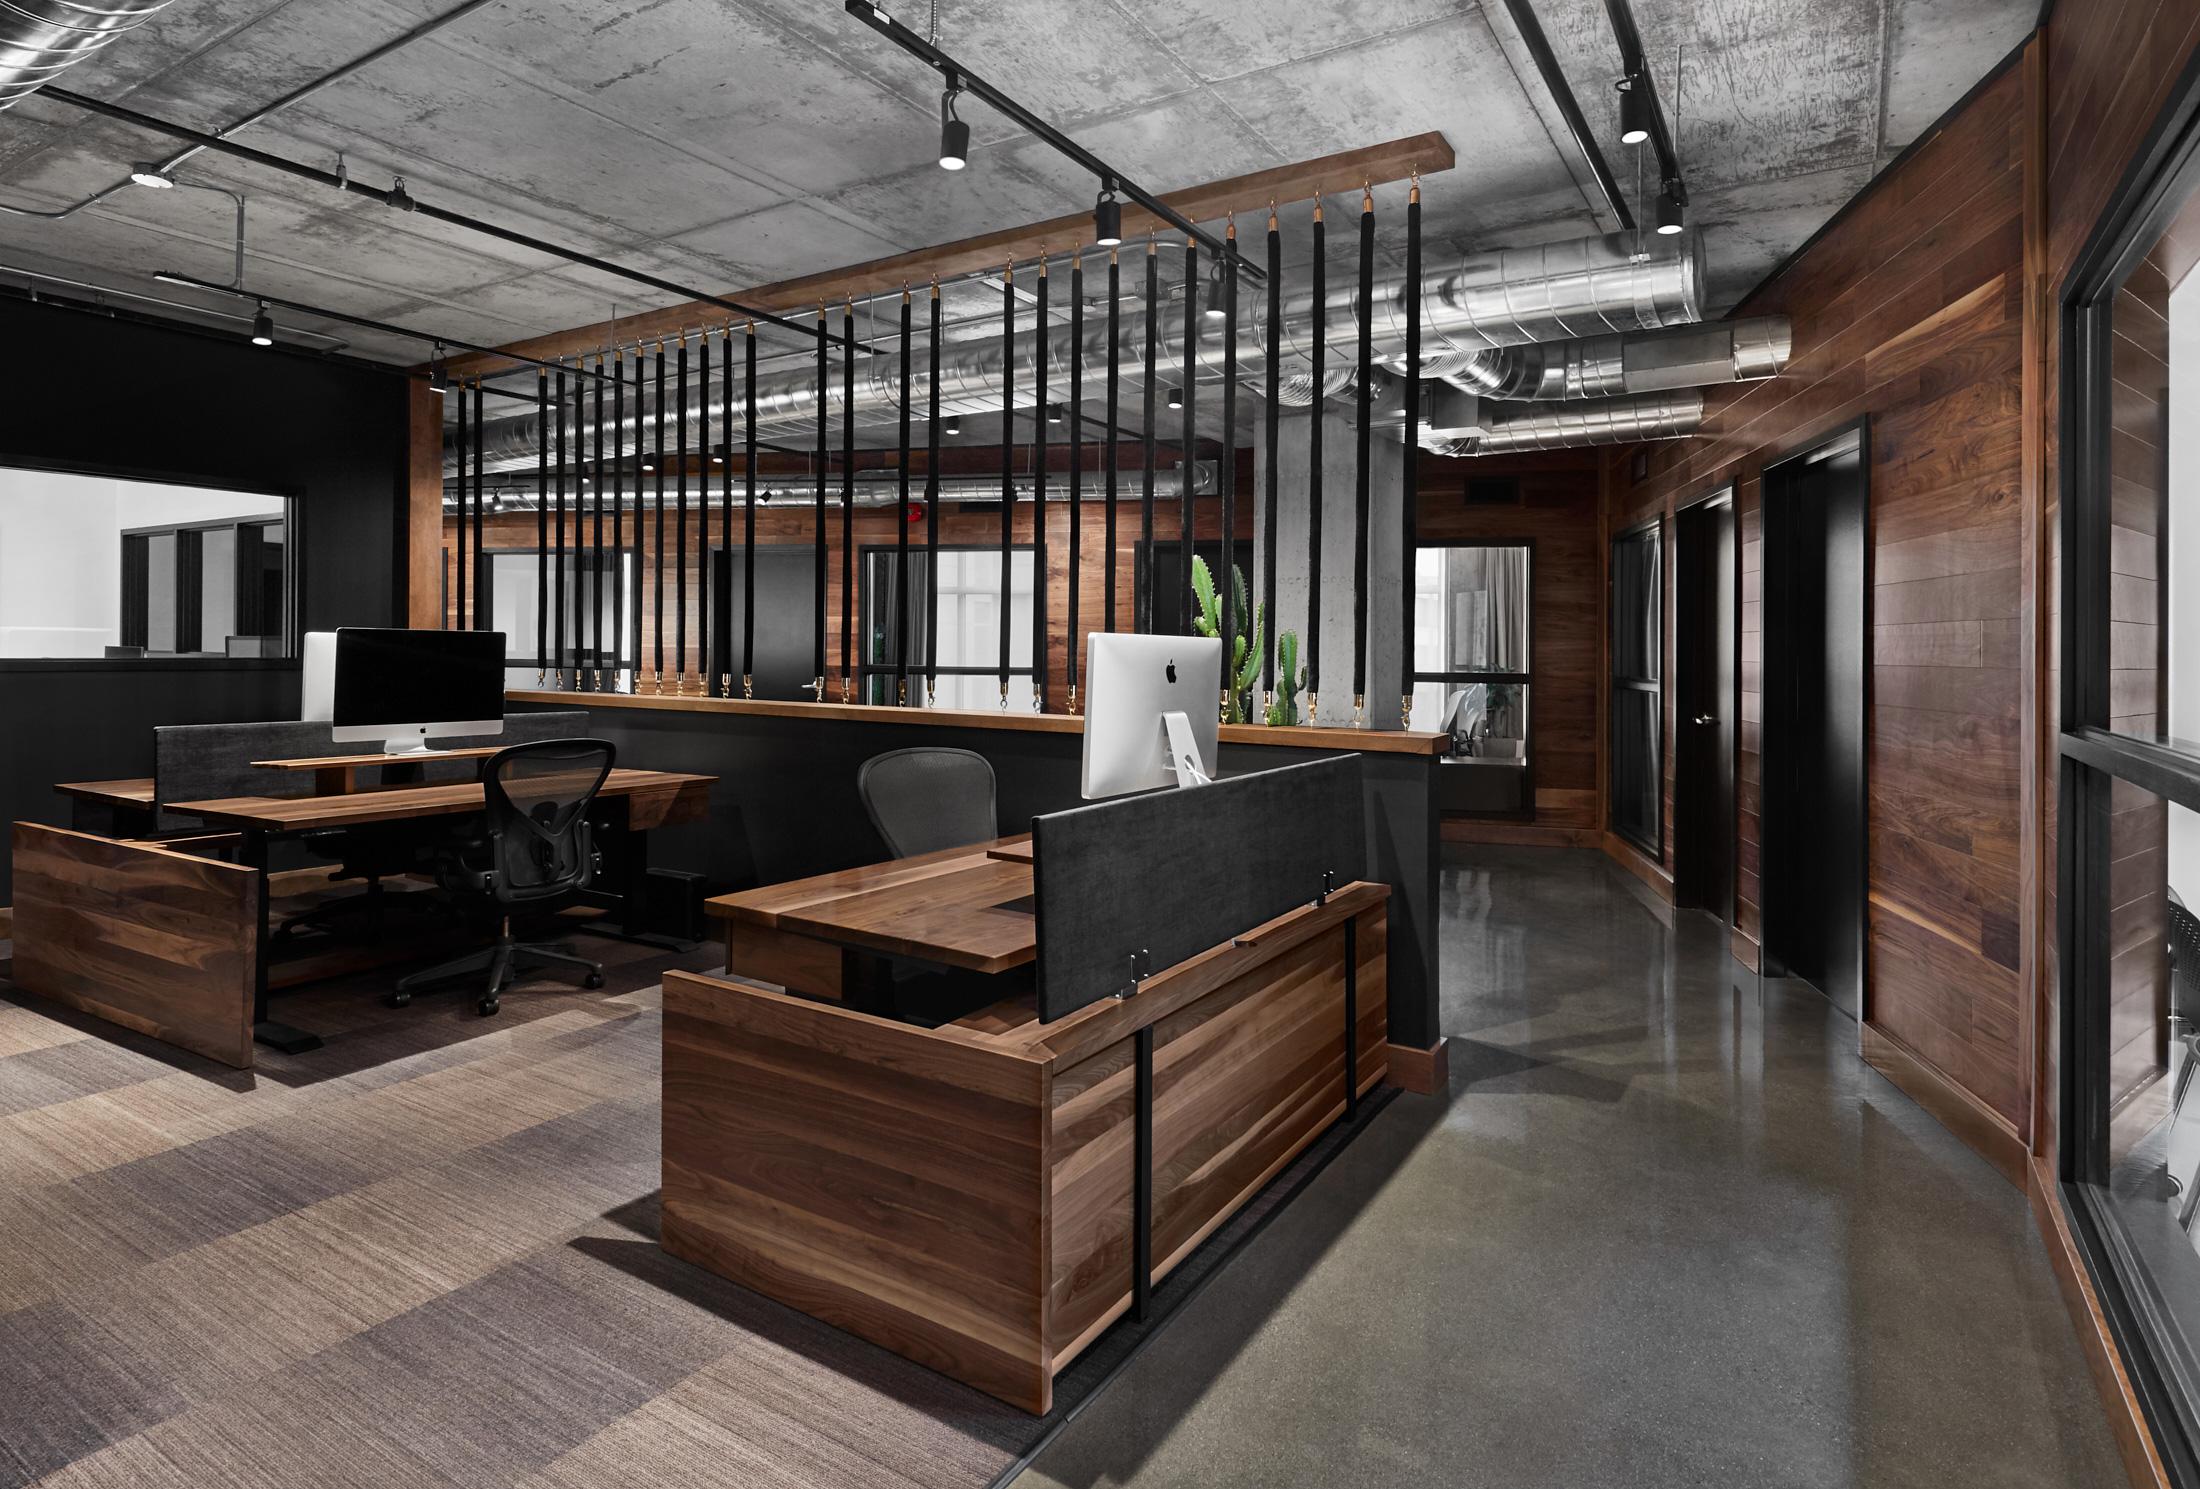 espaces travail bureaux murs bois